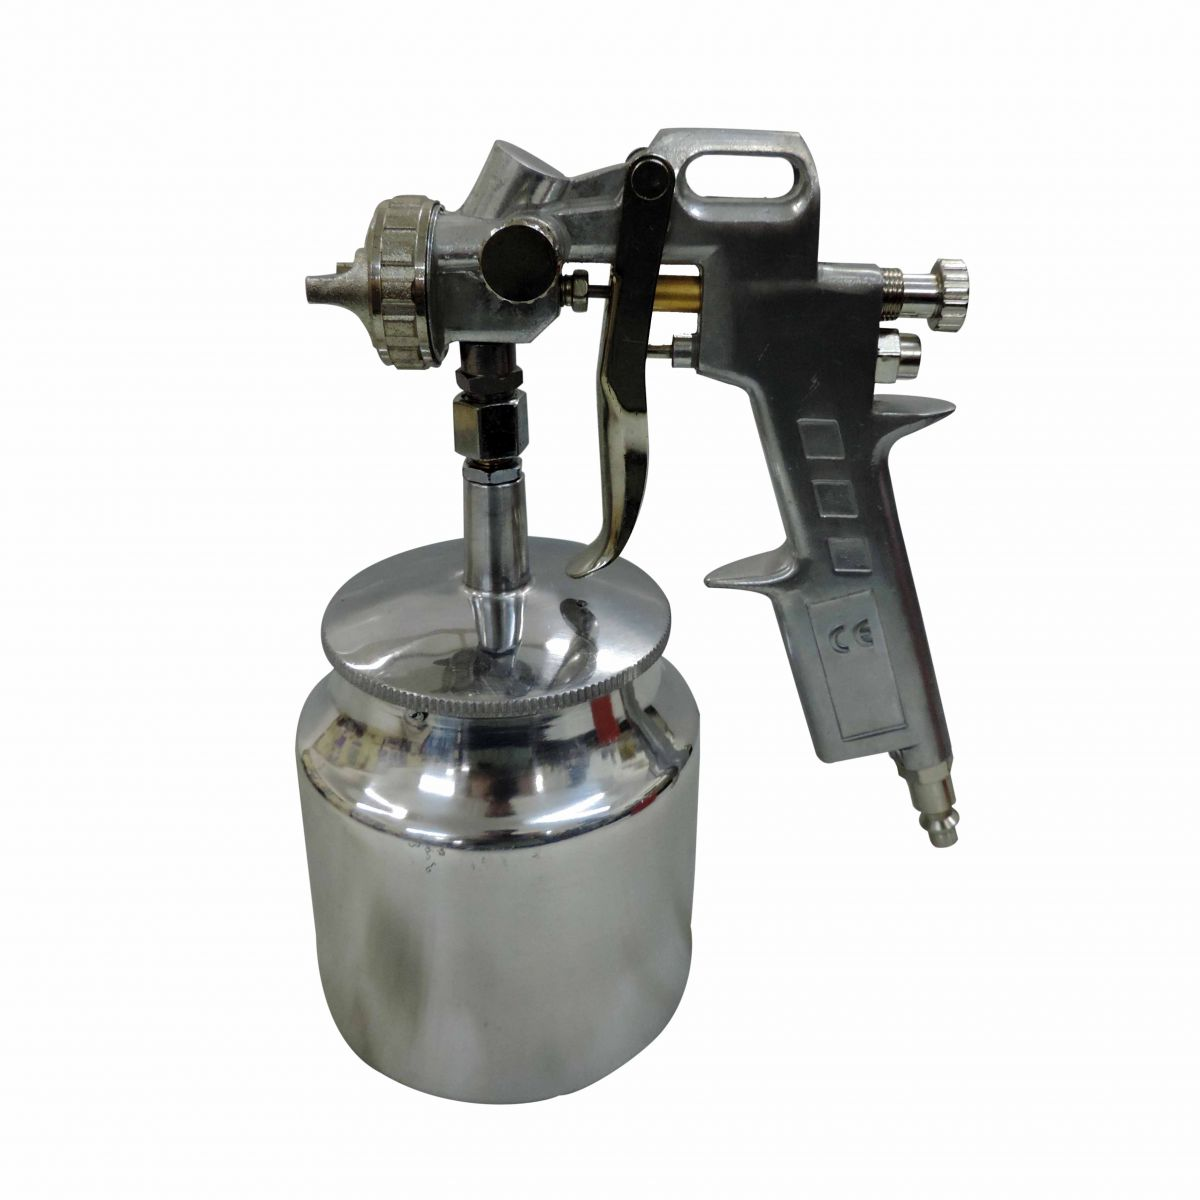 Kit De Acessórios Para Motocompressor C/5 Peças Motomil